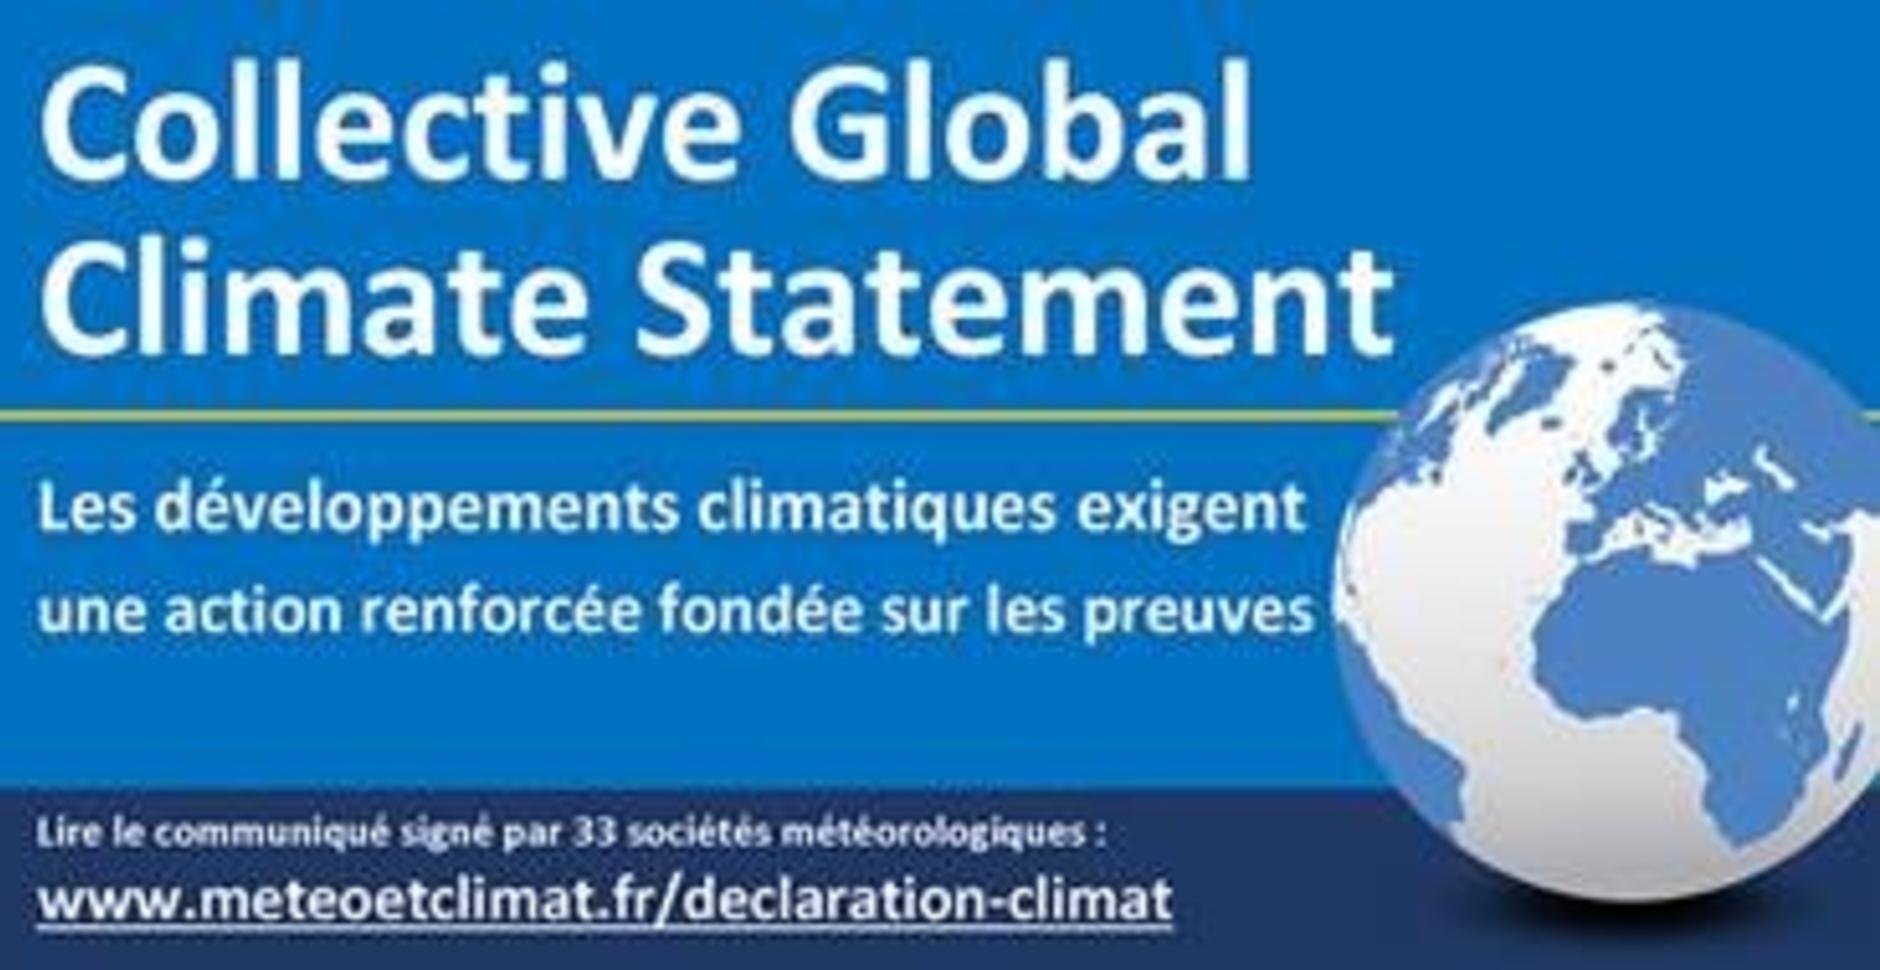 Déclaration pour une approche collective du climat mondial de 33 sociétés météorologiques